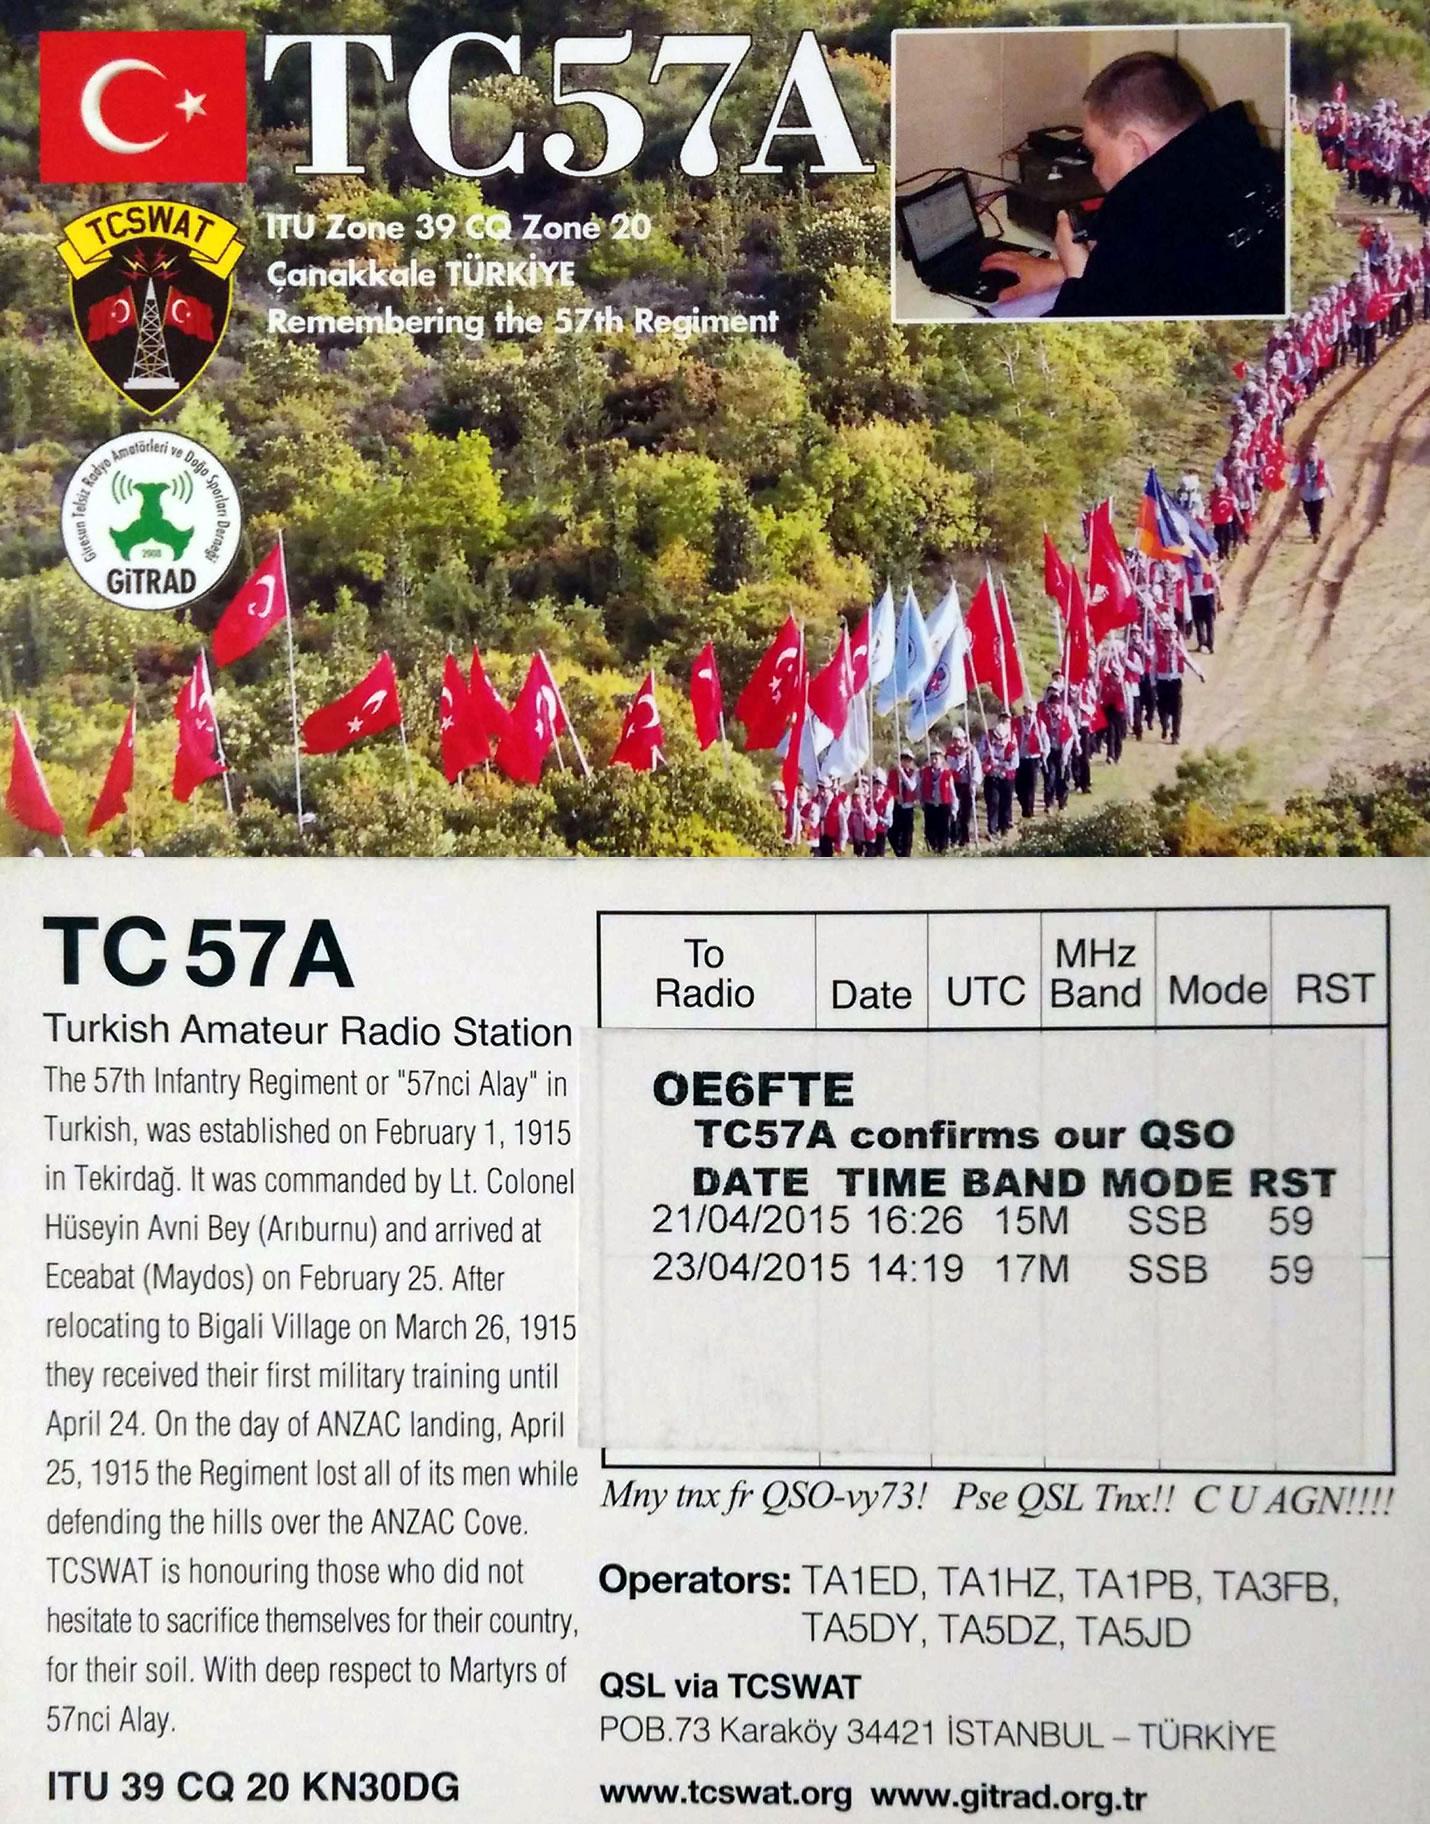 TC57A